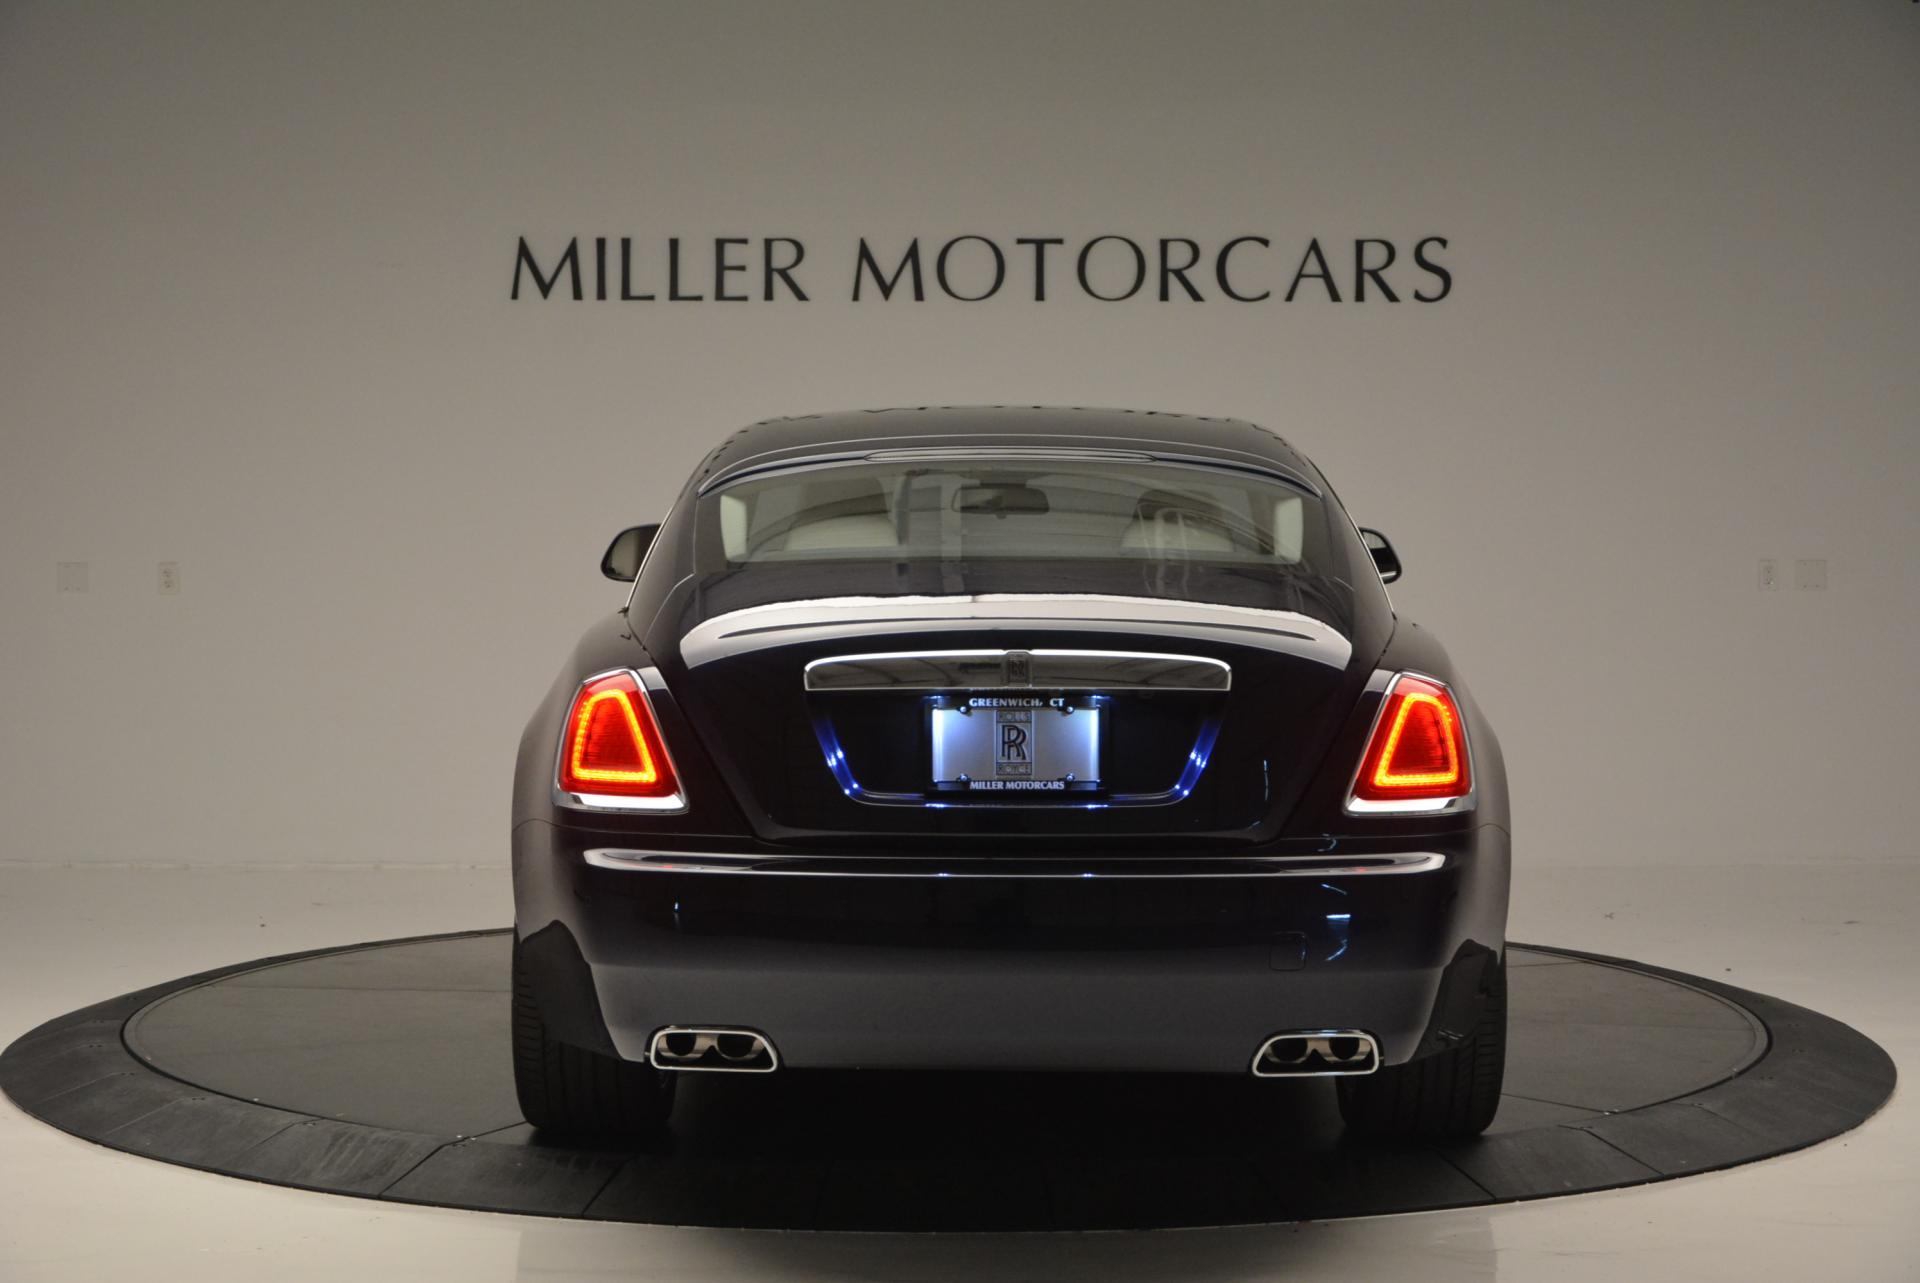 New 2016 Rolls Royce Wraith